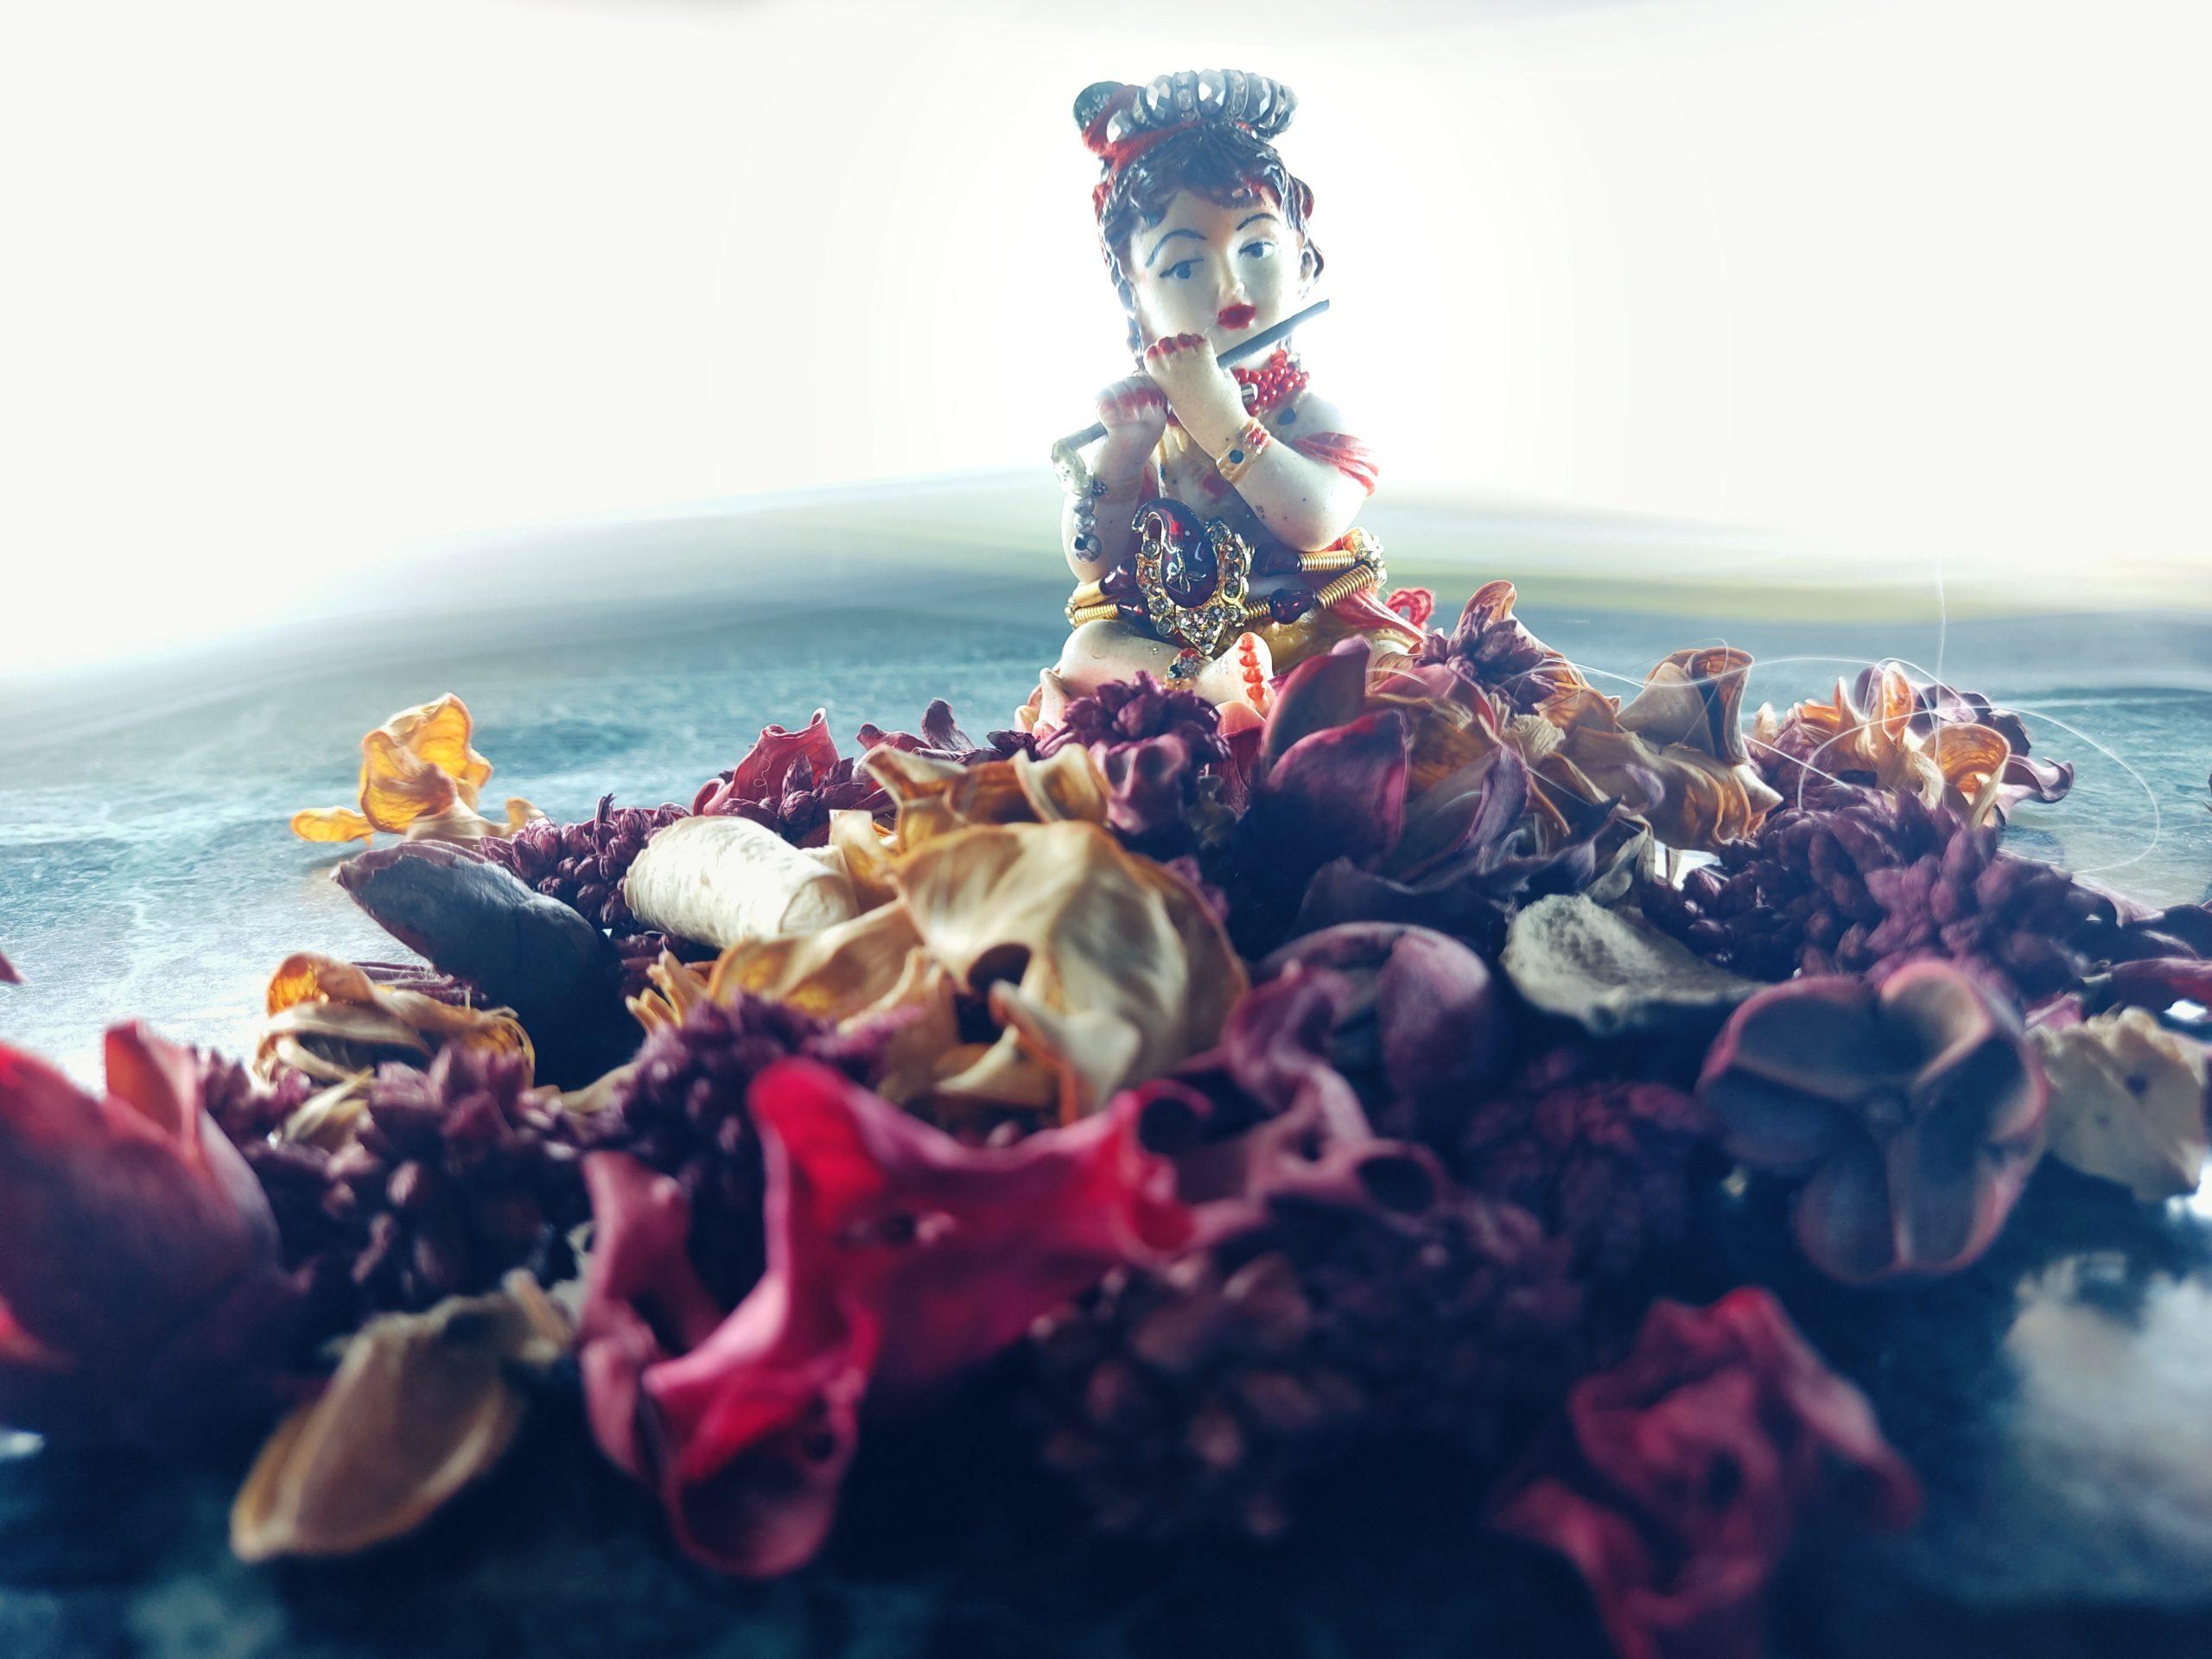 An idol of lord Krishna